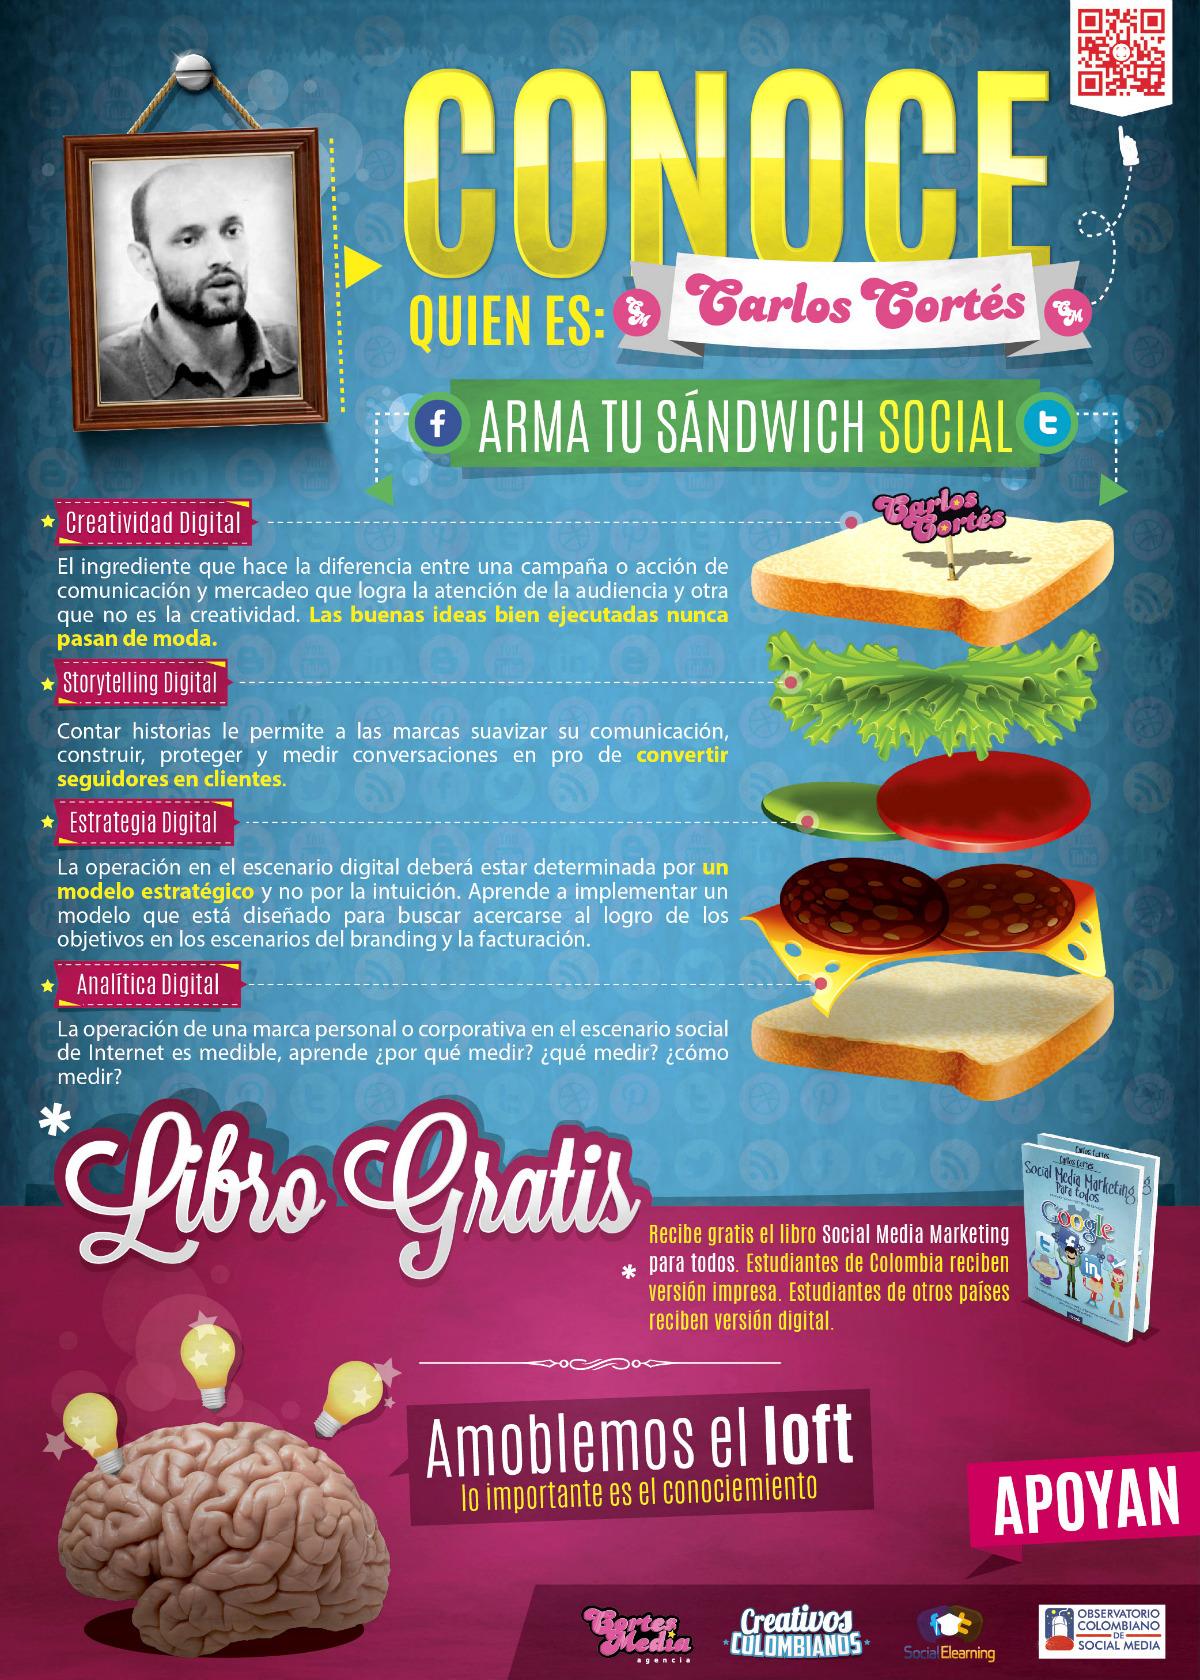 Curso Social Media Marketing Carlso Cortés